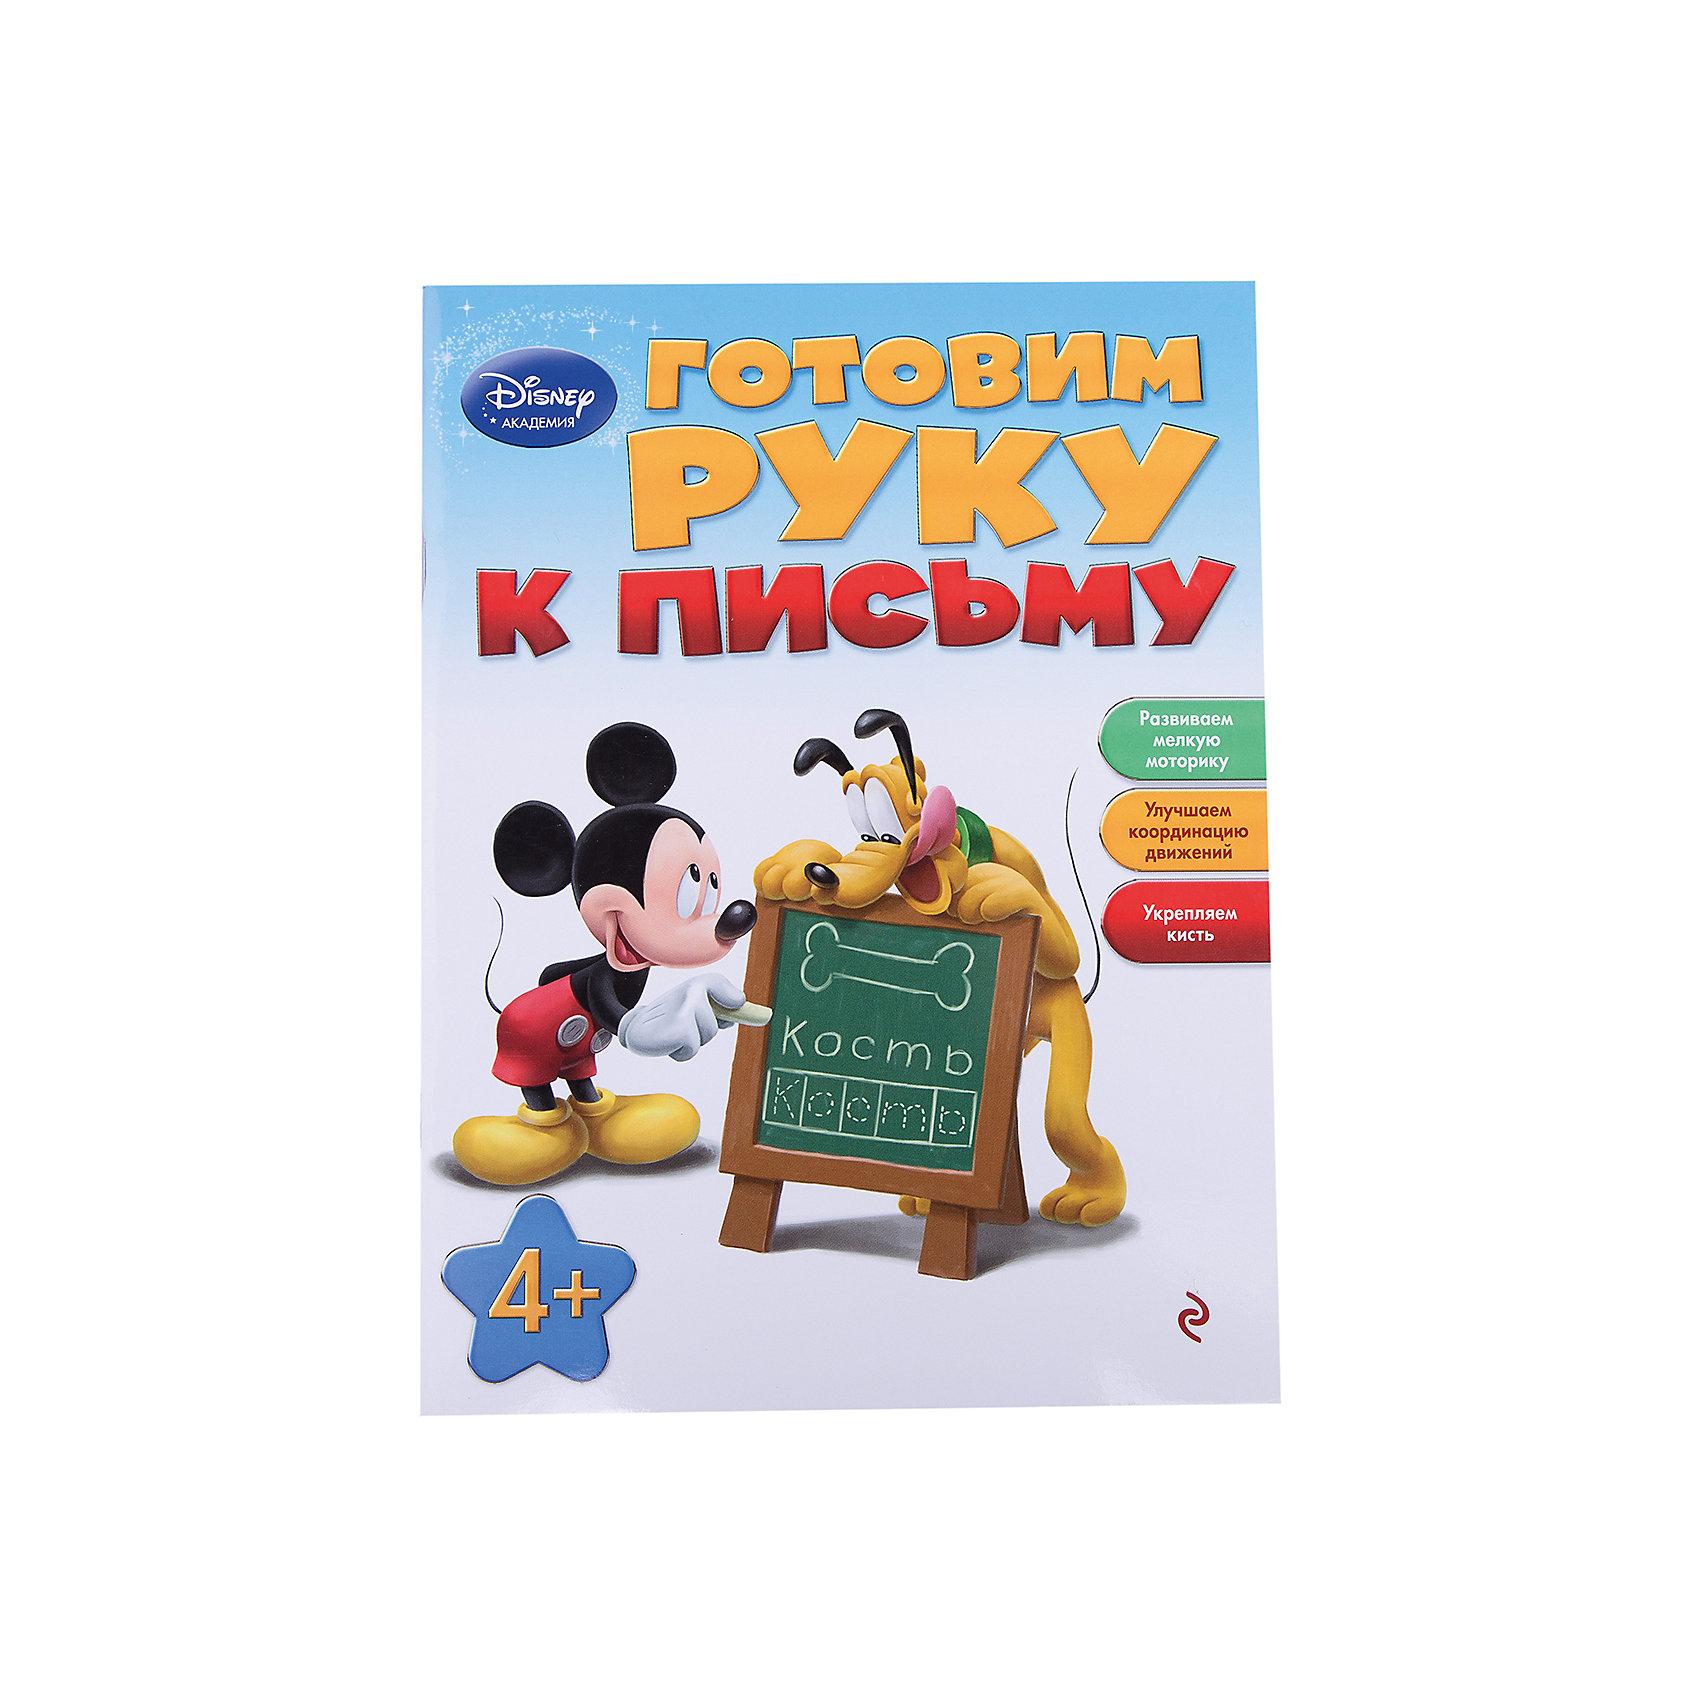 Готовим руку к письму, Disney АкадемияПрописи<br>Занимаясь по книге Готовим руку к письму, Disney Академия, Эксмо, ребёнок научится читать и писать все буквы русского алфавита, в увлекательной игровой форме разовьёт мелкую моторику рук и улучшит координацию движений. А любимые герои Disney с удовольствием придут малышу на помощь!<br><br>Дополнительная информация:<br>- редактор:  А. Жилинская<br>- иллюстрации:  цветные<br>- кол-во страниц: 48<br>- формат: 60х84/8 (210х280 мм)<br>- переплет: мягкий<br><br>Готовим руку к письму, Disney Академия, Эксмо вместе с любимыми героями поможет играючи приобрести необходимые навыки, и Ваш ребенок будет просить продолжения занятий.<br><br>Книгу Готовим руку к письму, Disney Академия, Эксмо можно купить в нашем магазине.<br><br>Ширина мм: 280<br>Глубина мм: 210<br>Высота мм: 10<br>Вес г: 152<br>Возраст от месяцев: 48<br>Возраст до месяцев: 72<br>Пол: Унисекс<br>Возраст: Детский<br>SKU: 3665154